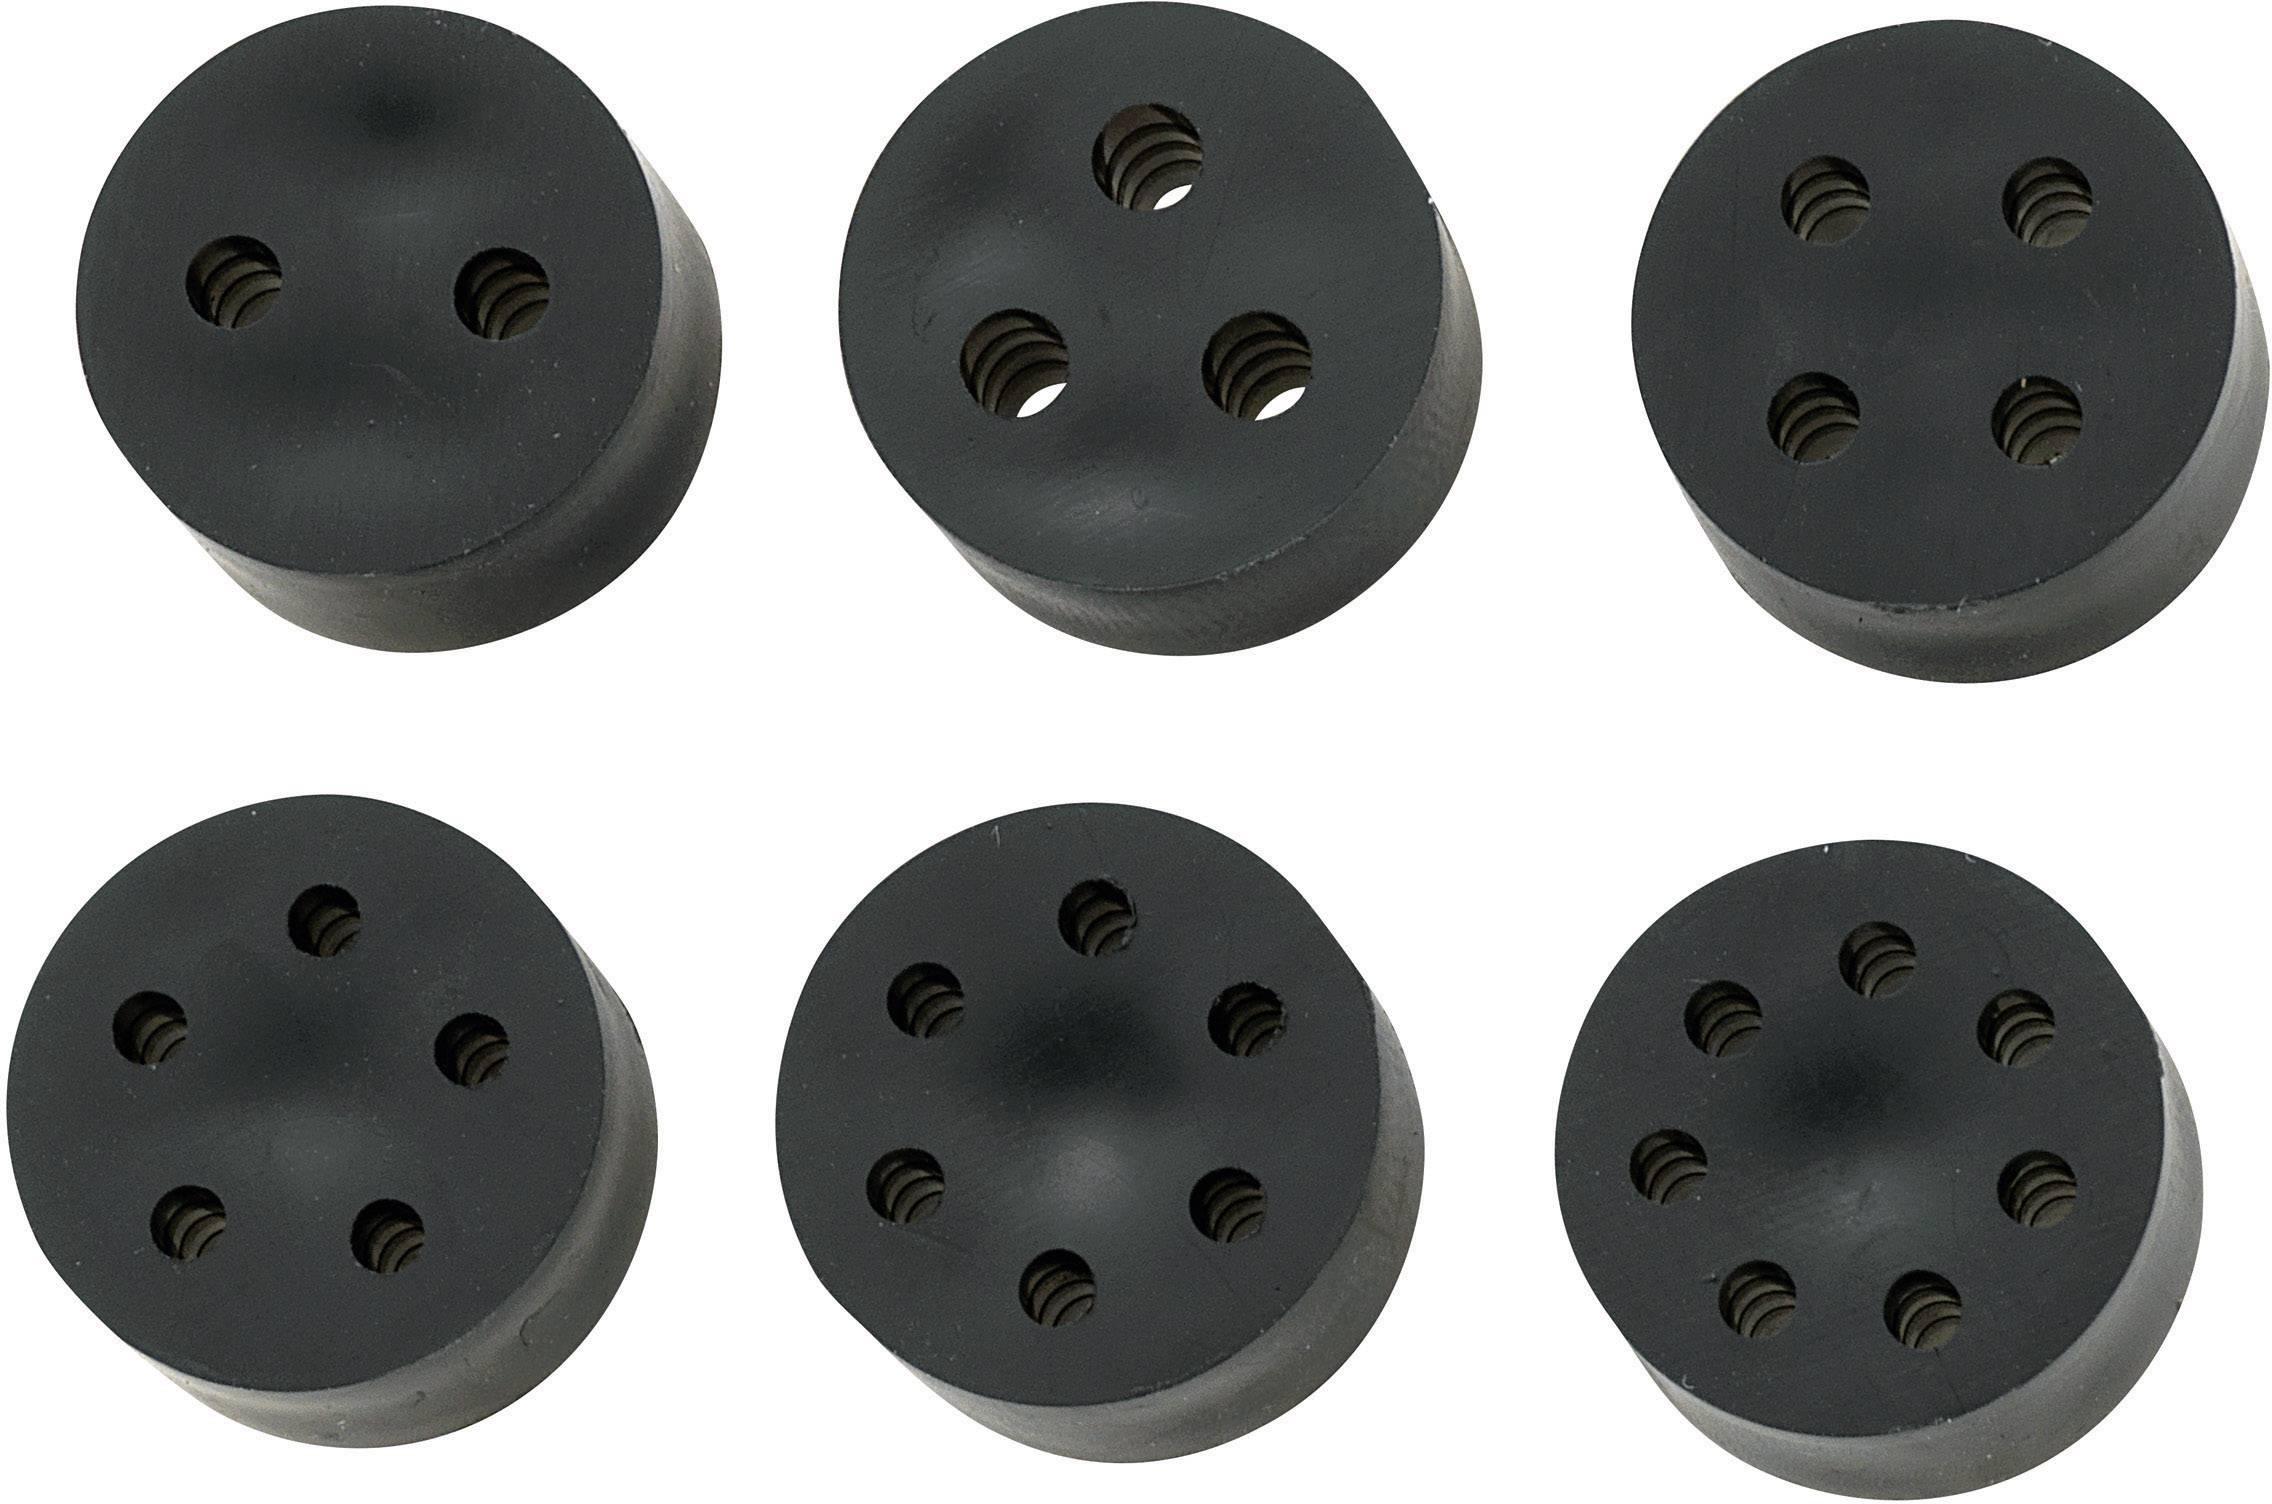 Tesniaca vložka s viacerými priechodmi KSS MH23-6A, PG21, guma, 1 ks